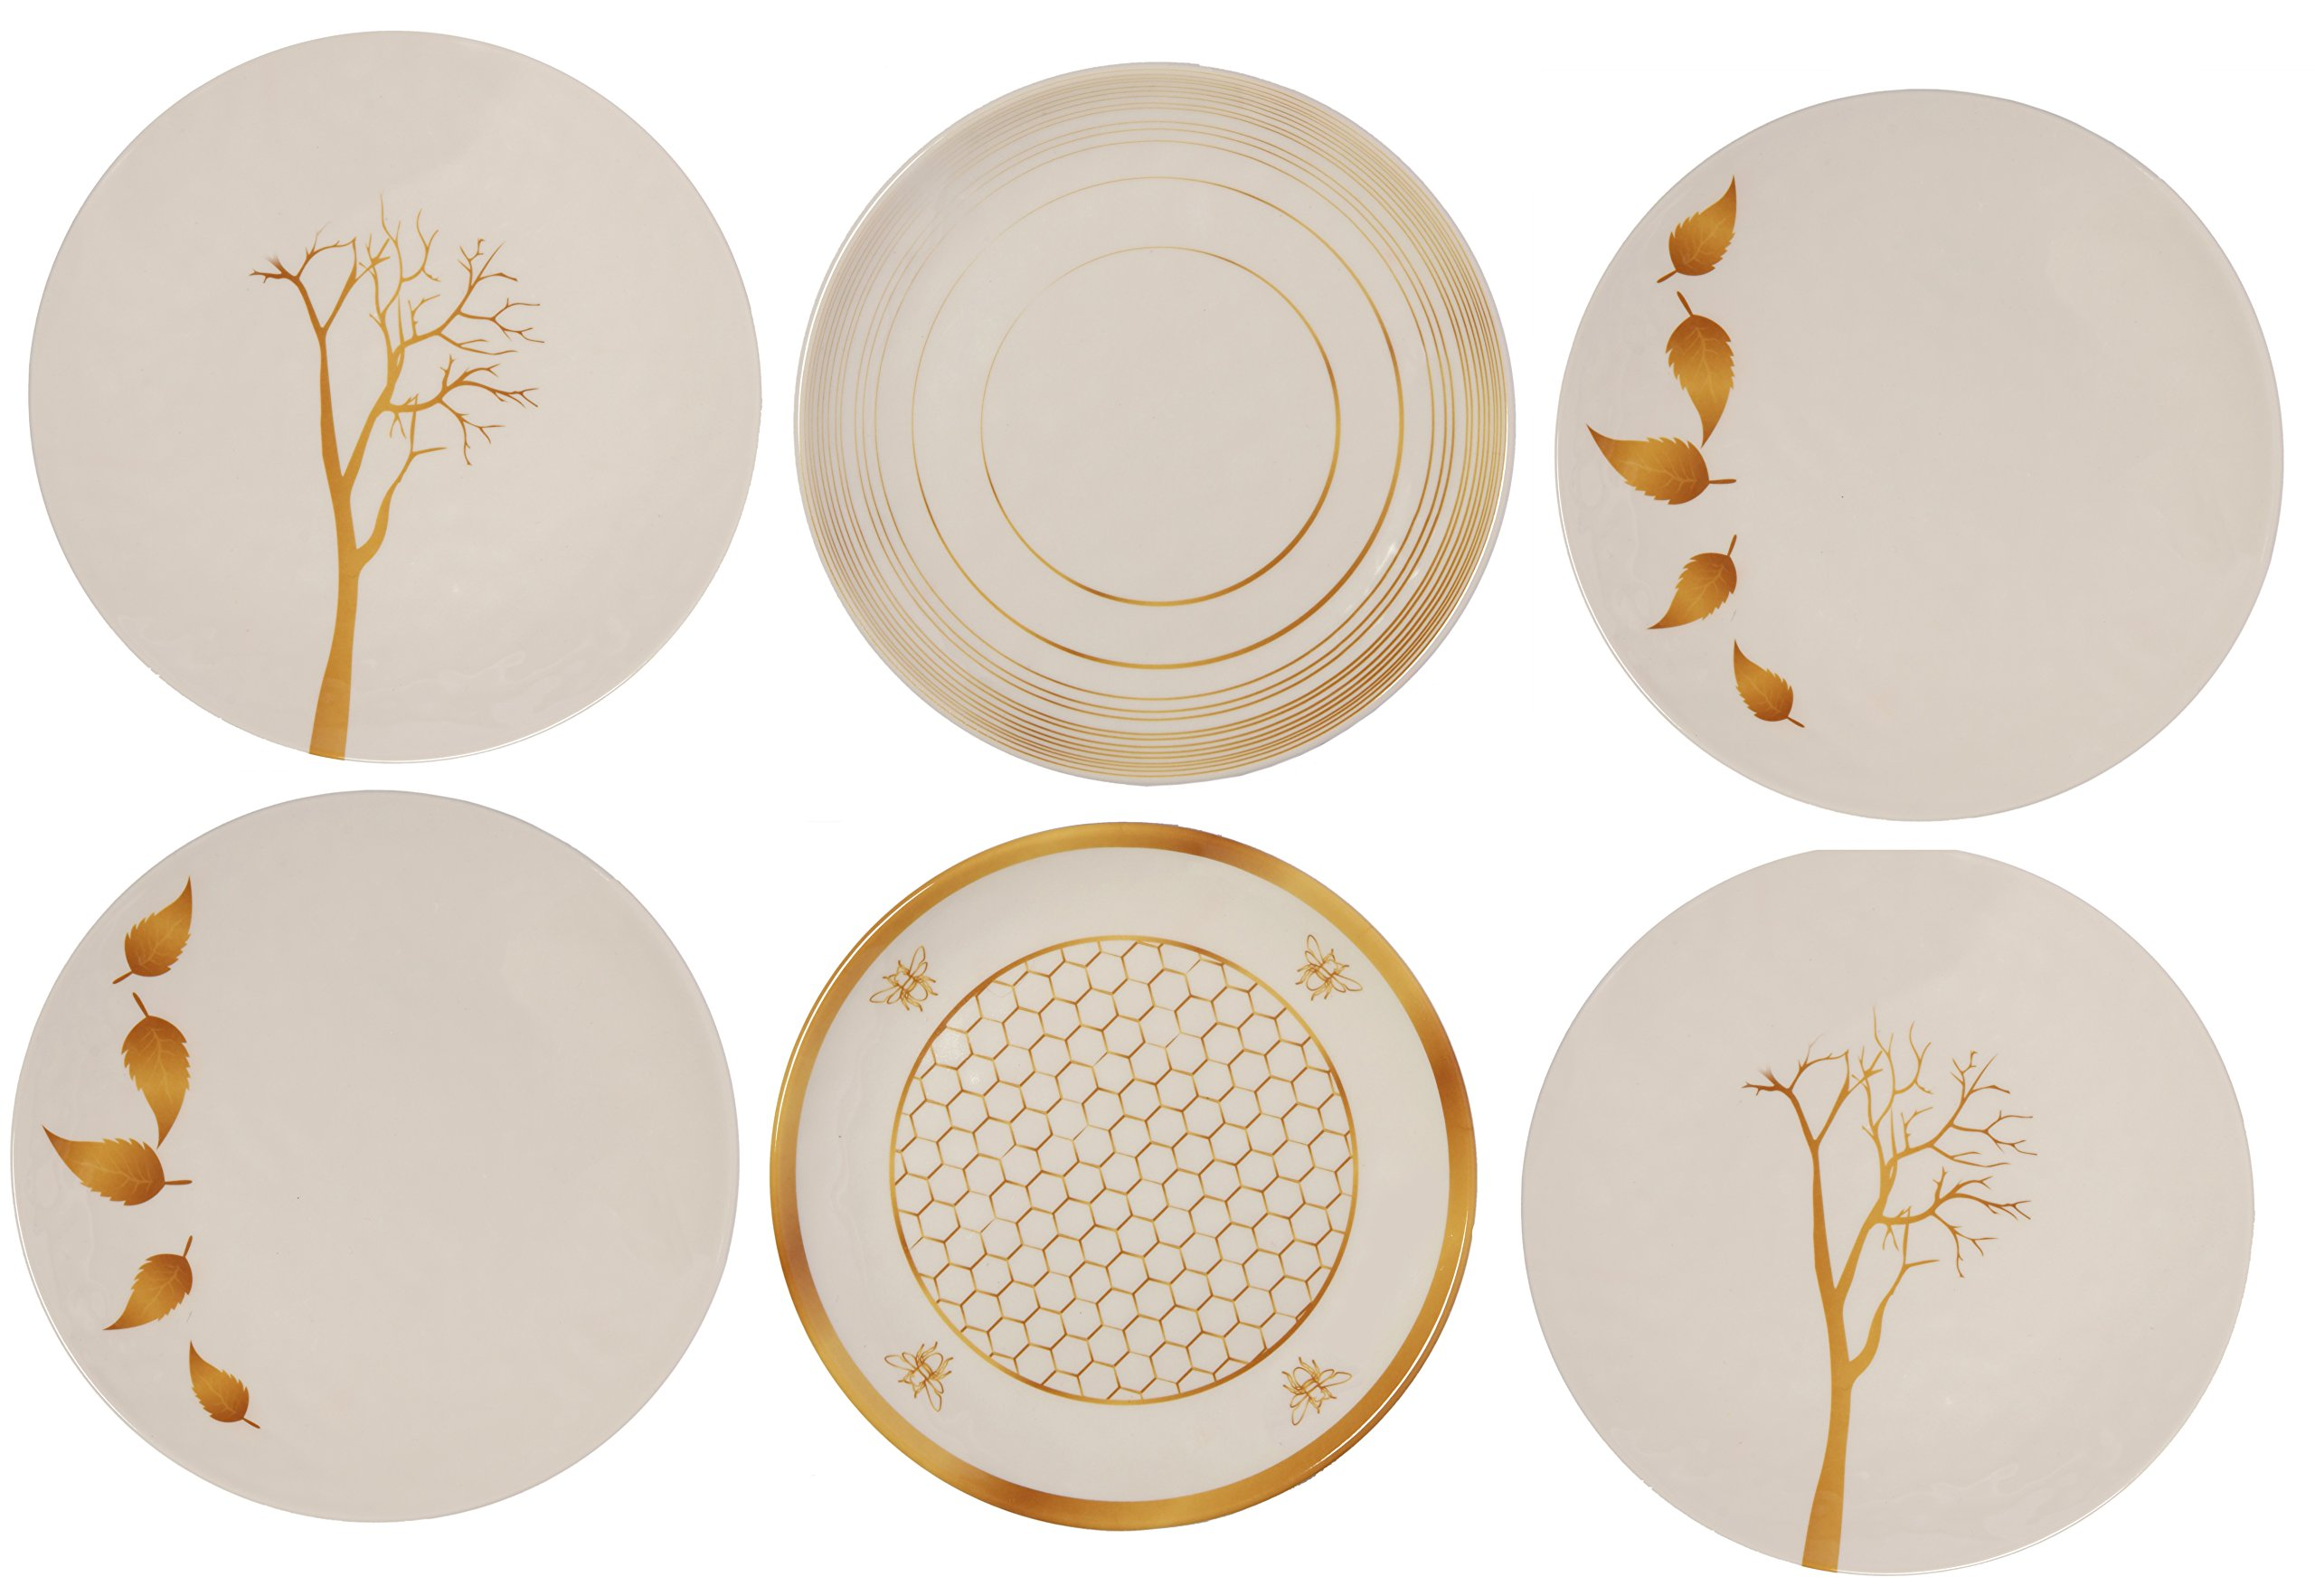 Melange 6-Piece 100% Melamine Salad Plate Set (Gold Nature Collection) | Shatter-Proof and Chip-Resistant Melamine Salad Plates